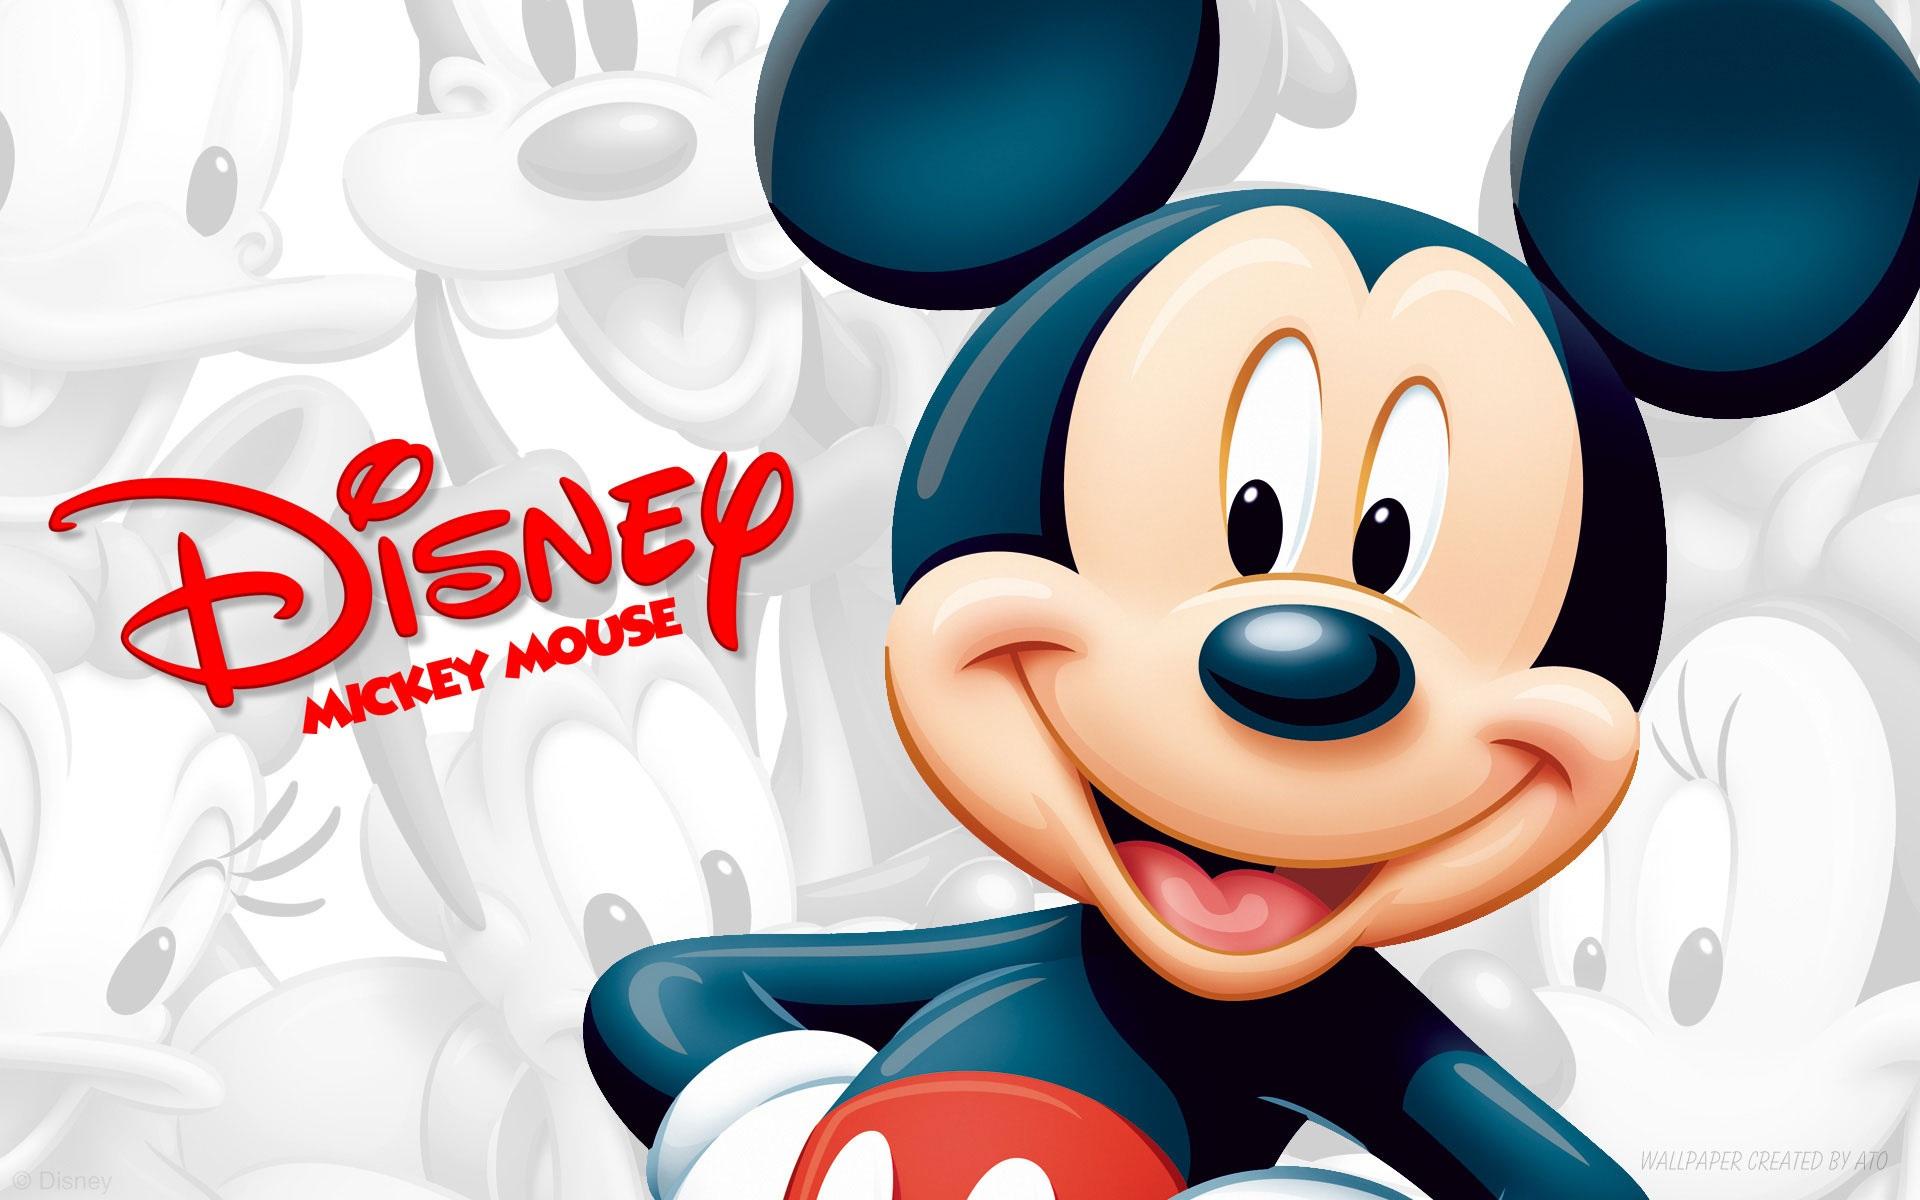 壁紙 ディズニースターミッキーマウス 1920x1200 Hd 無料の